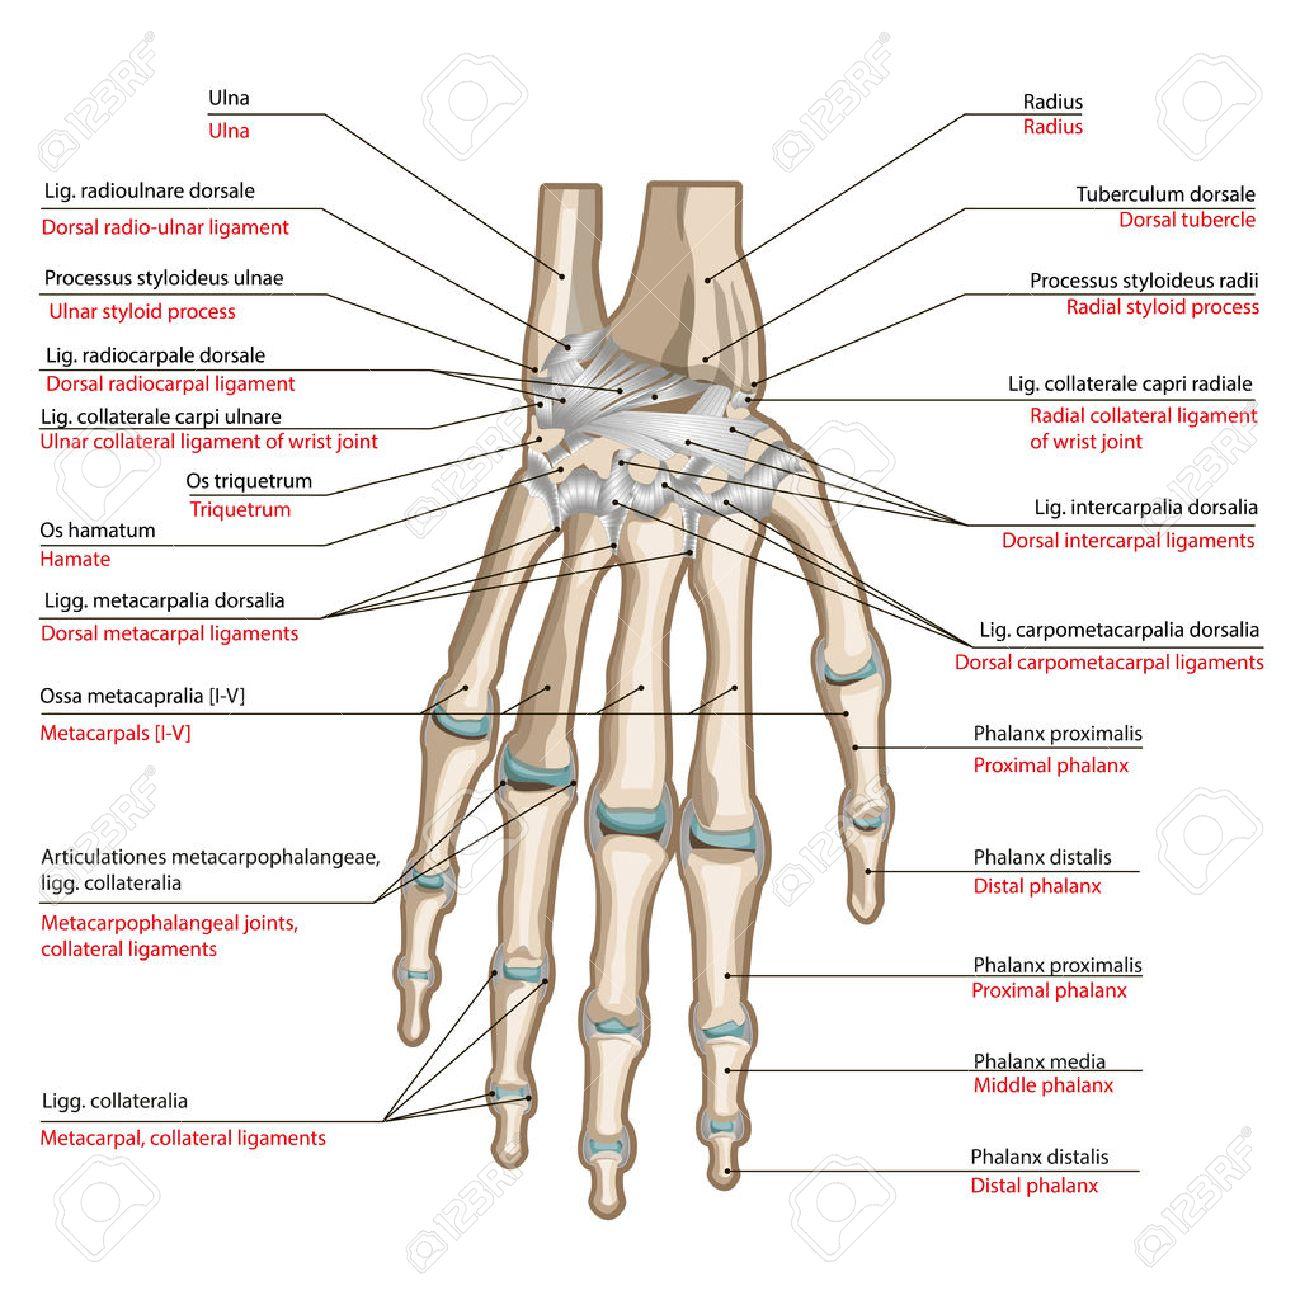 Ziemlich Knochen Hand Galerie - Anatomie Ideen - finotti.info